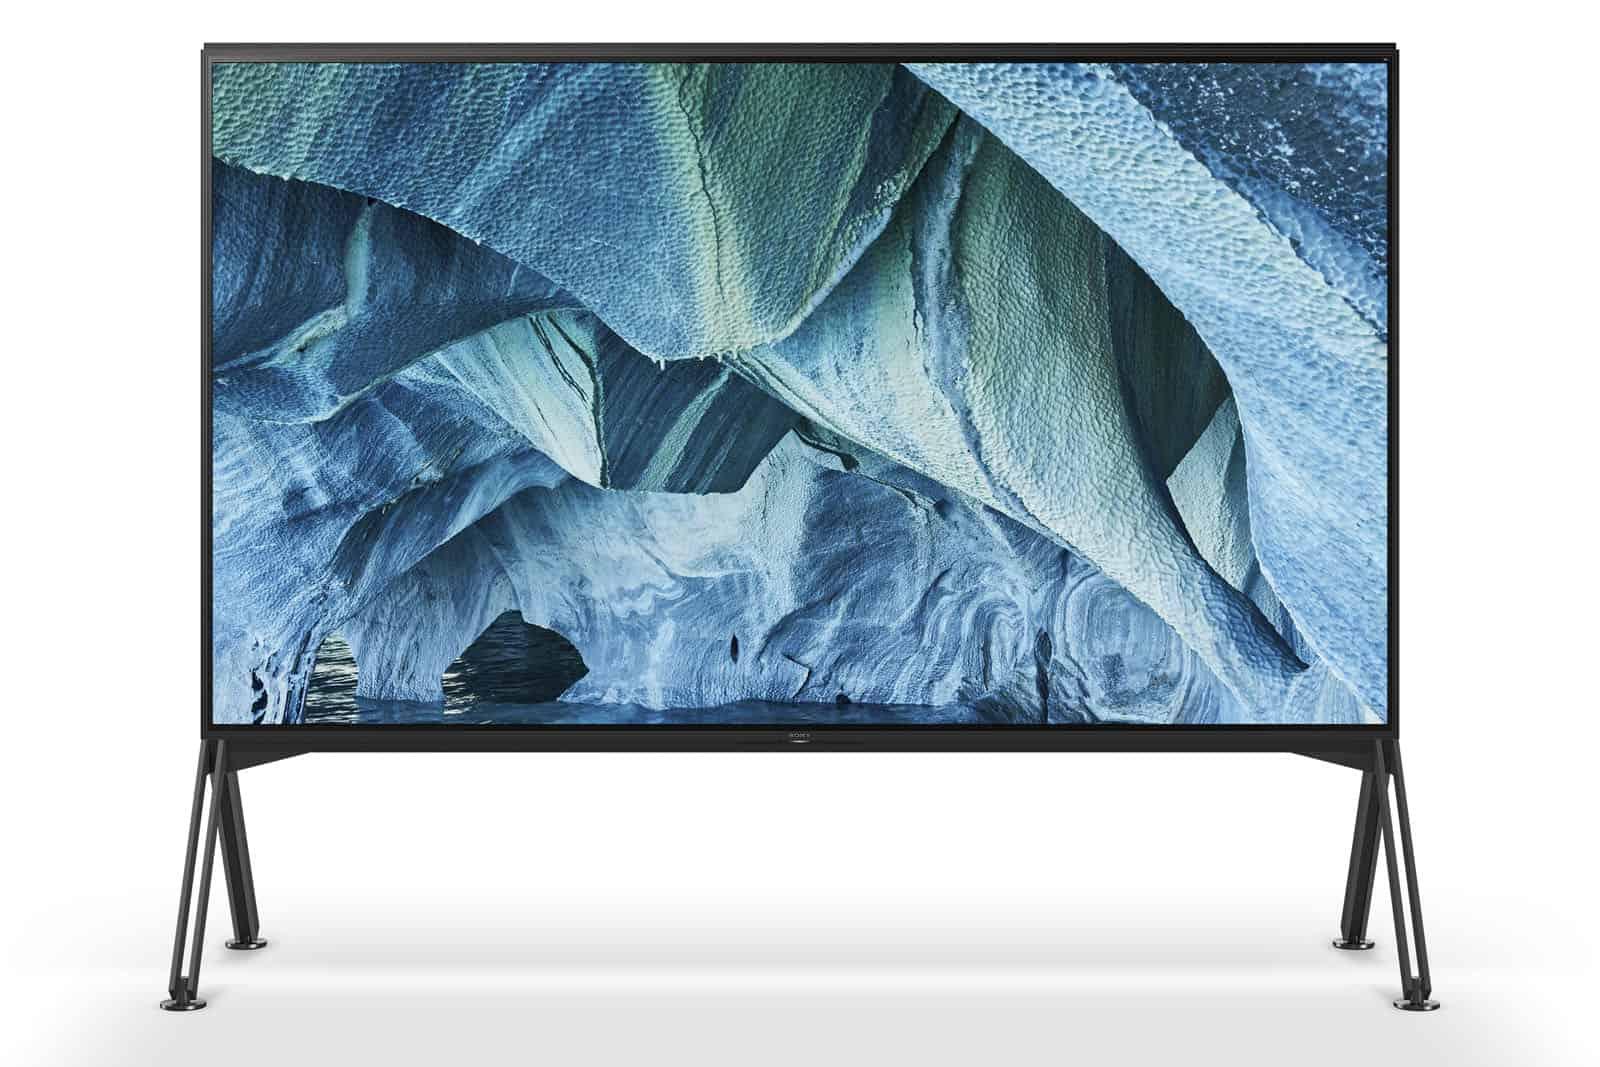 Sony Z9G 8K TV CES 12